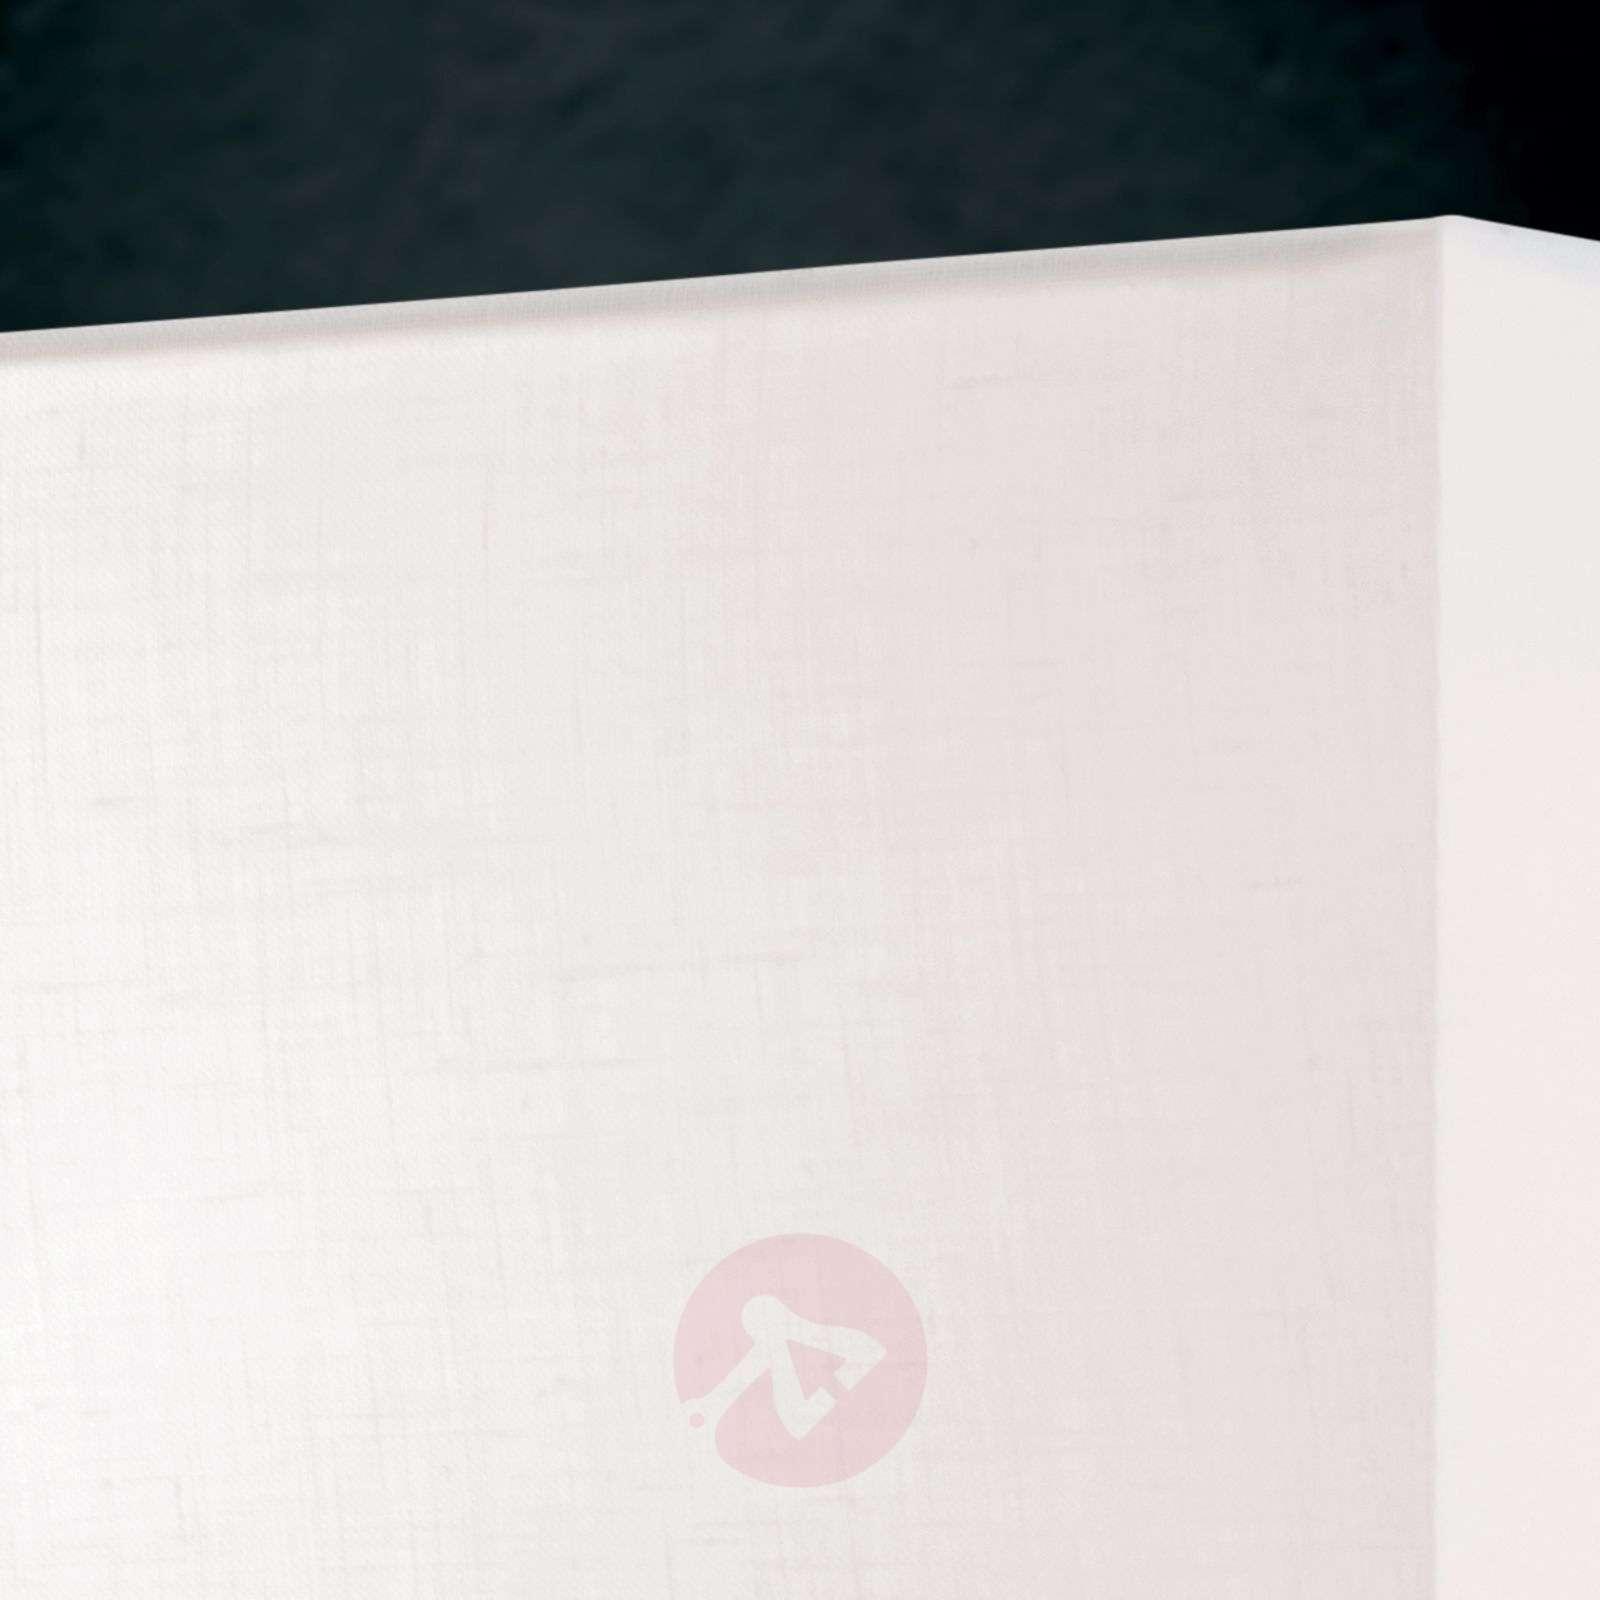 Grigor-pöytävalaisin valkoisella pellavavarjost.-7255160-01